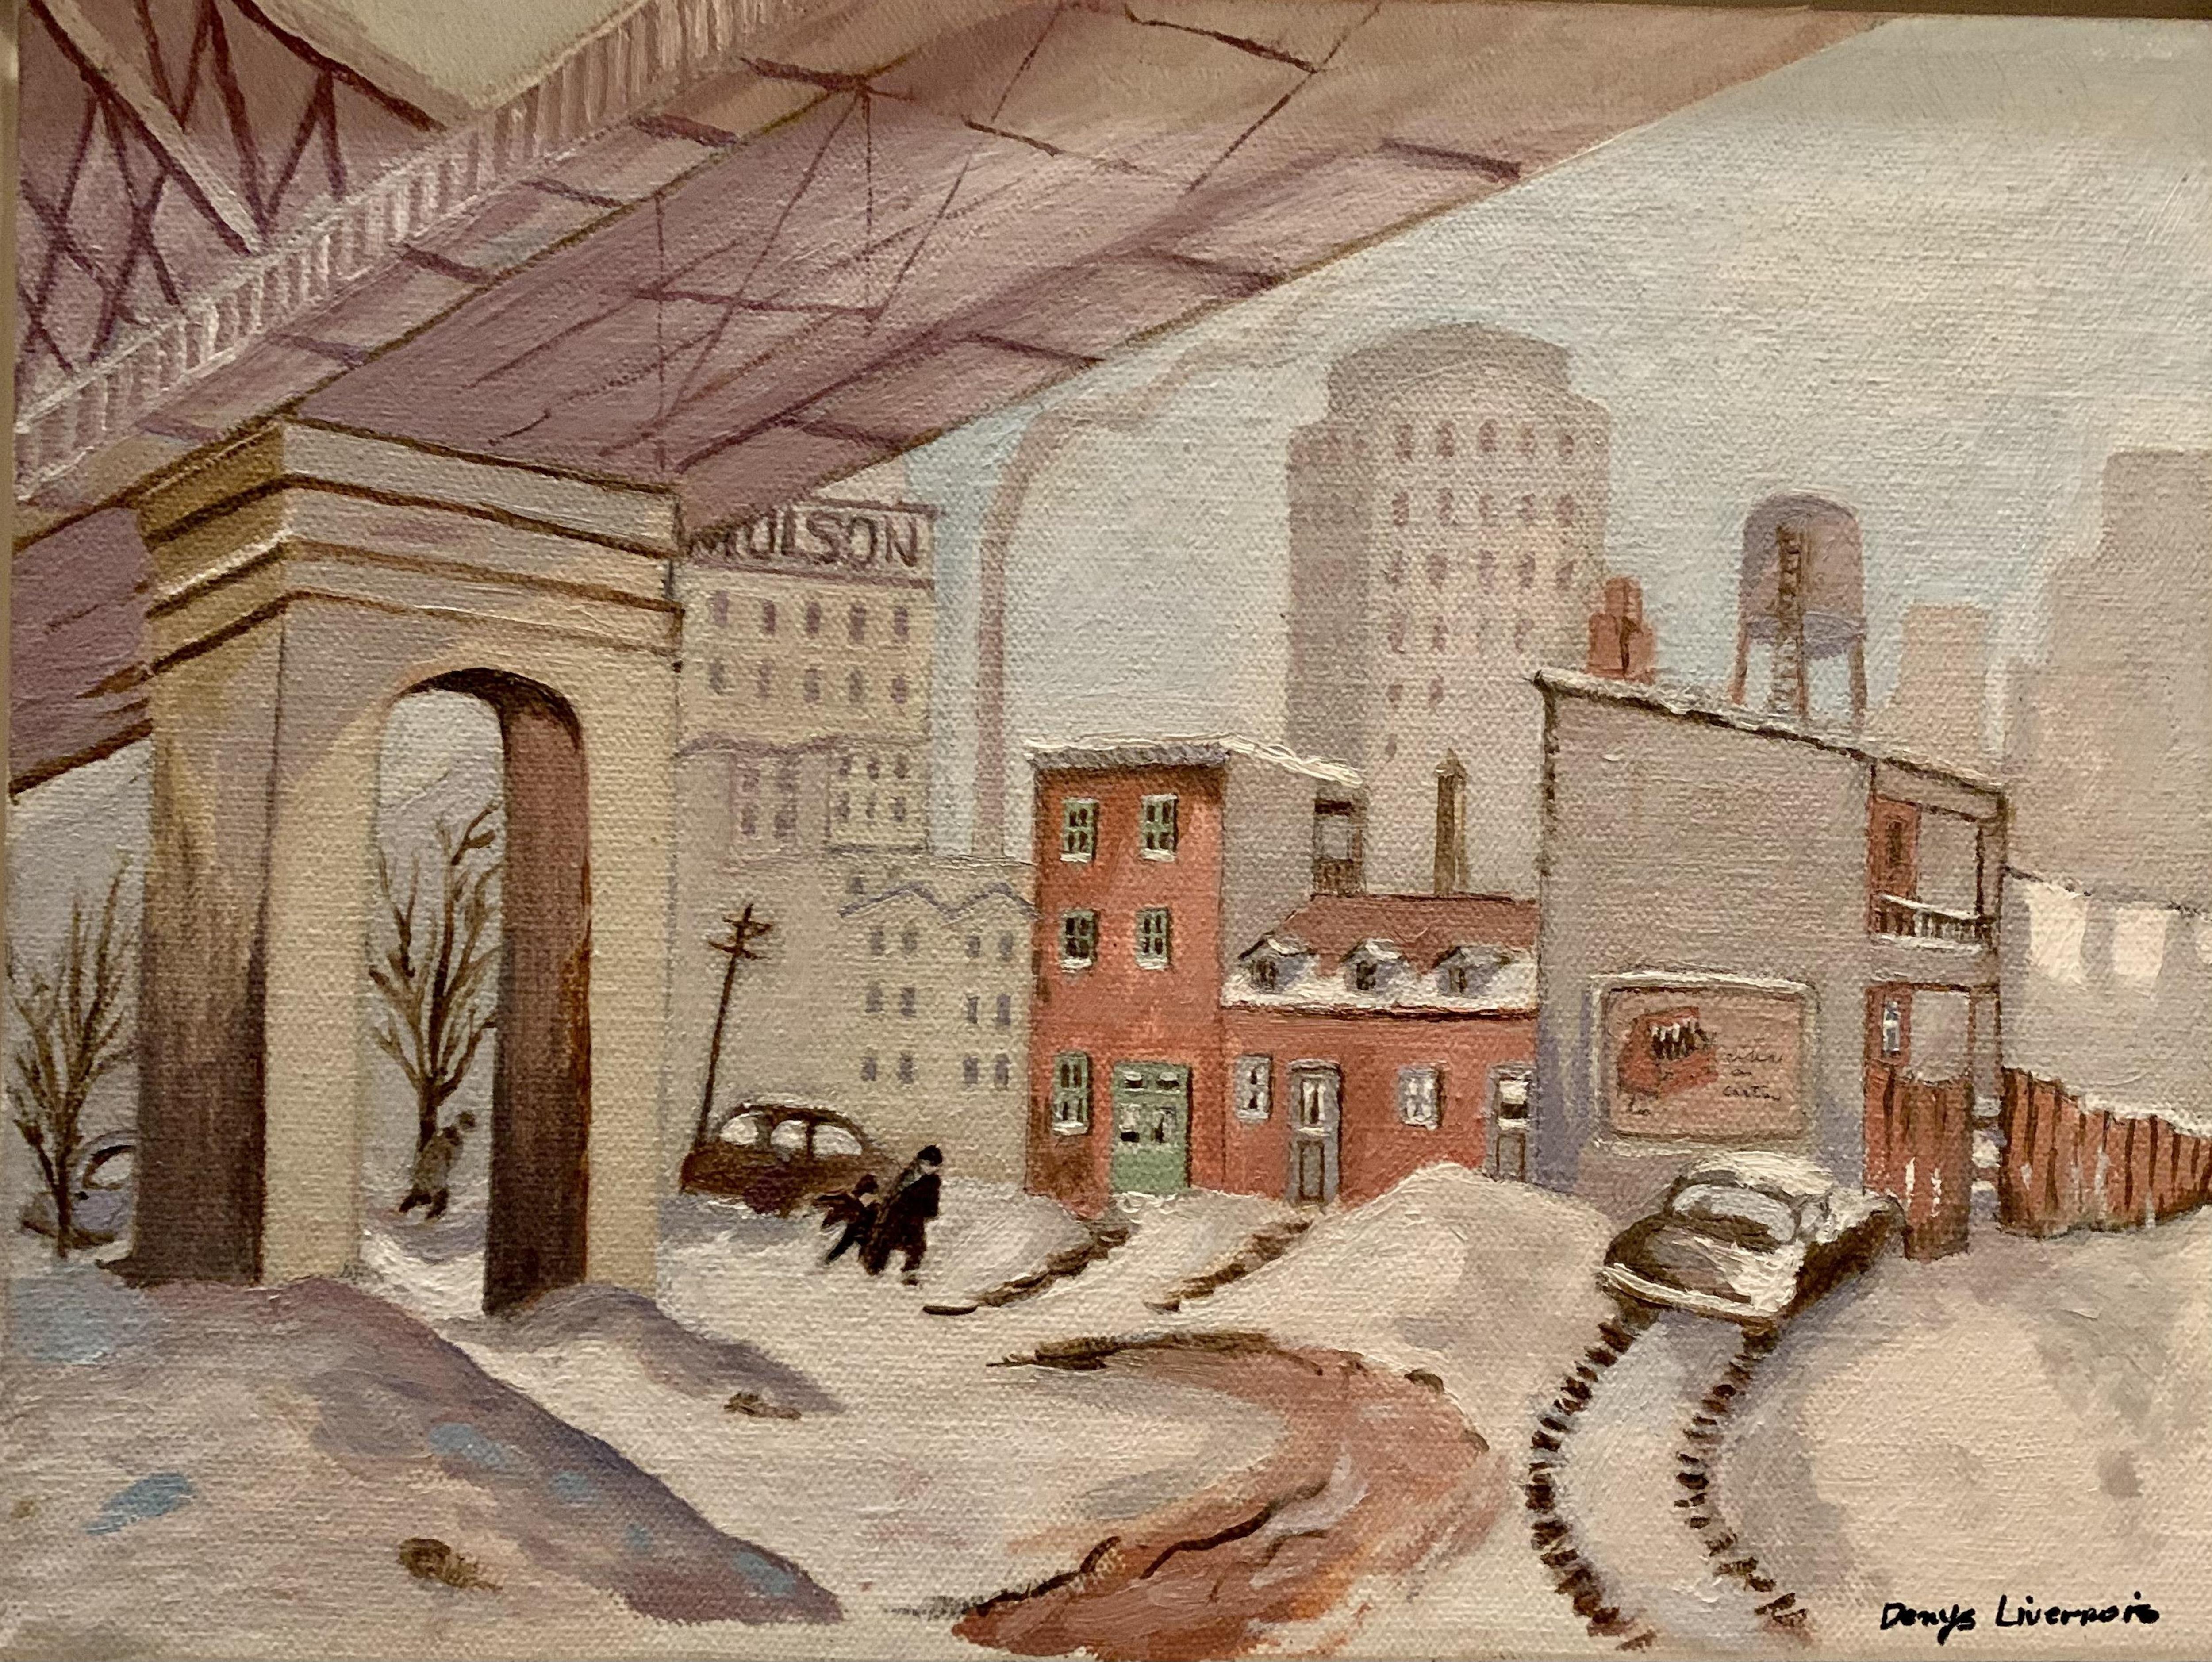 Un toile montrant le dessous du pont Jacques-Cartier, des bâtiments et une partie de la brasserie Molson.